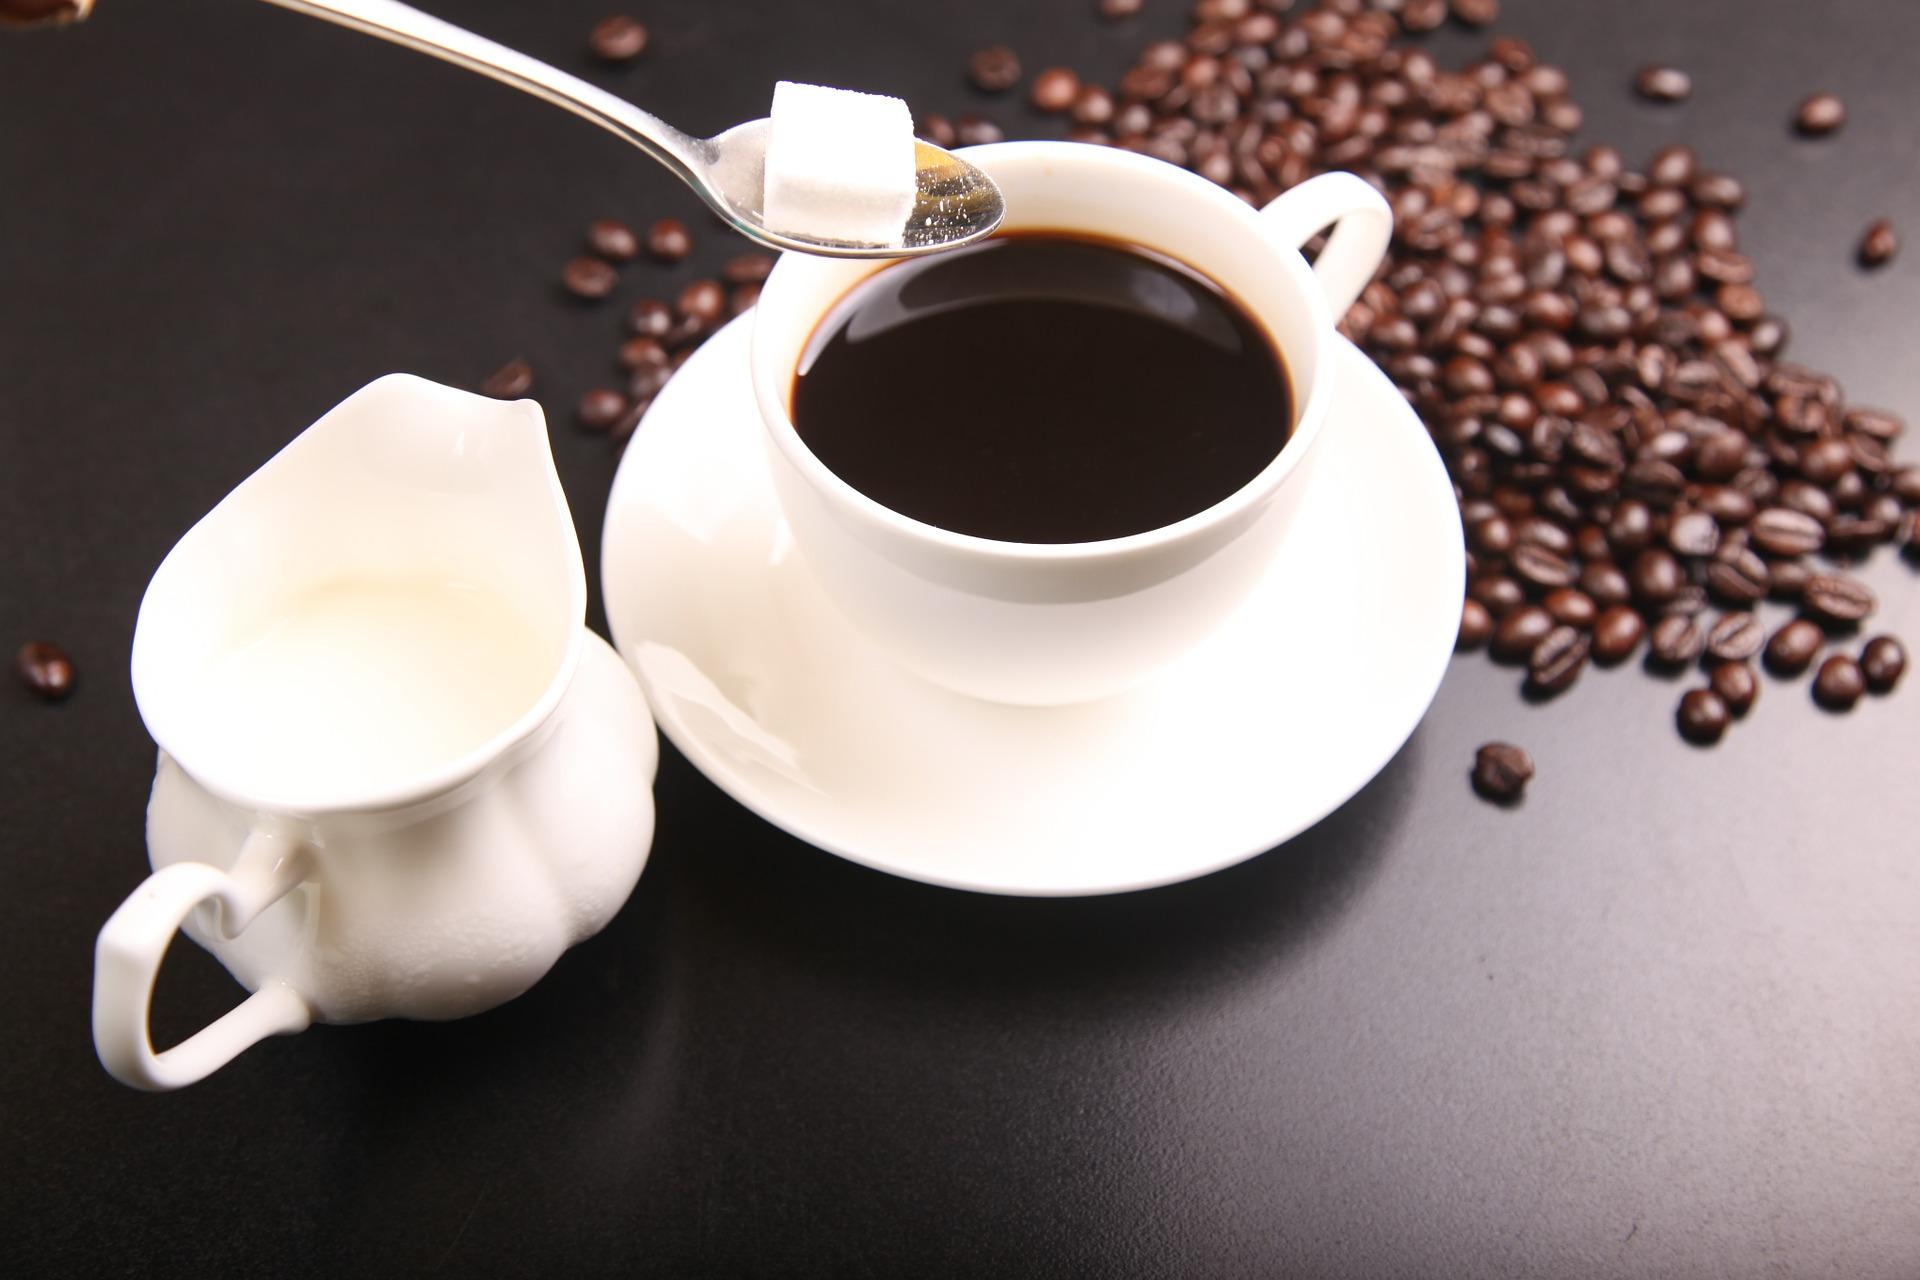 Parhaat kahvituotteet kotiin